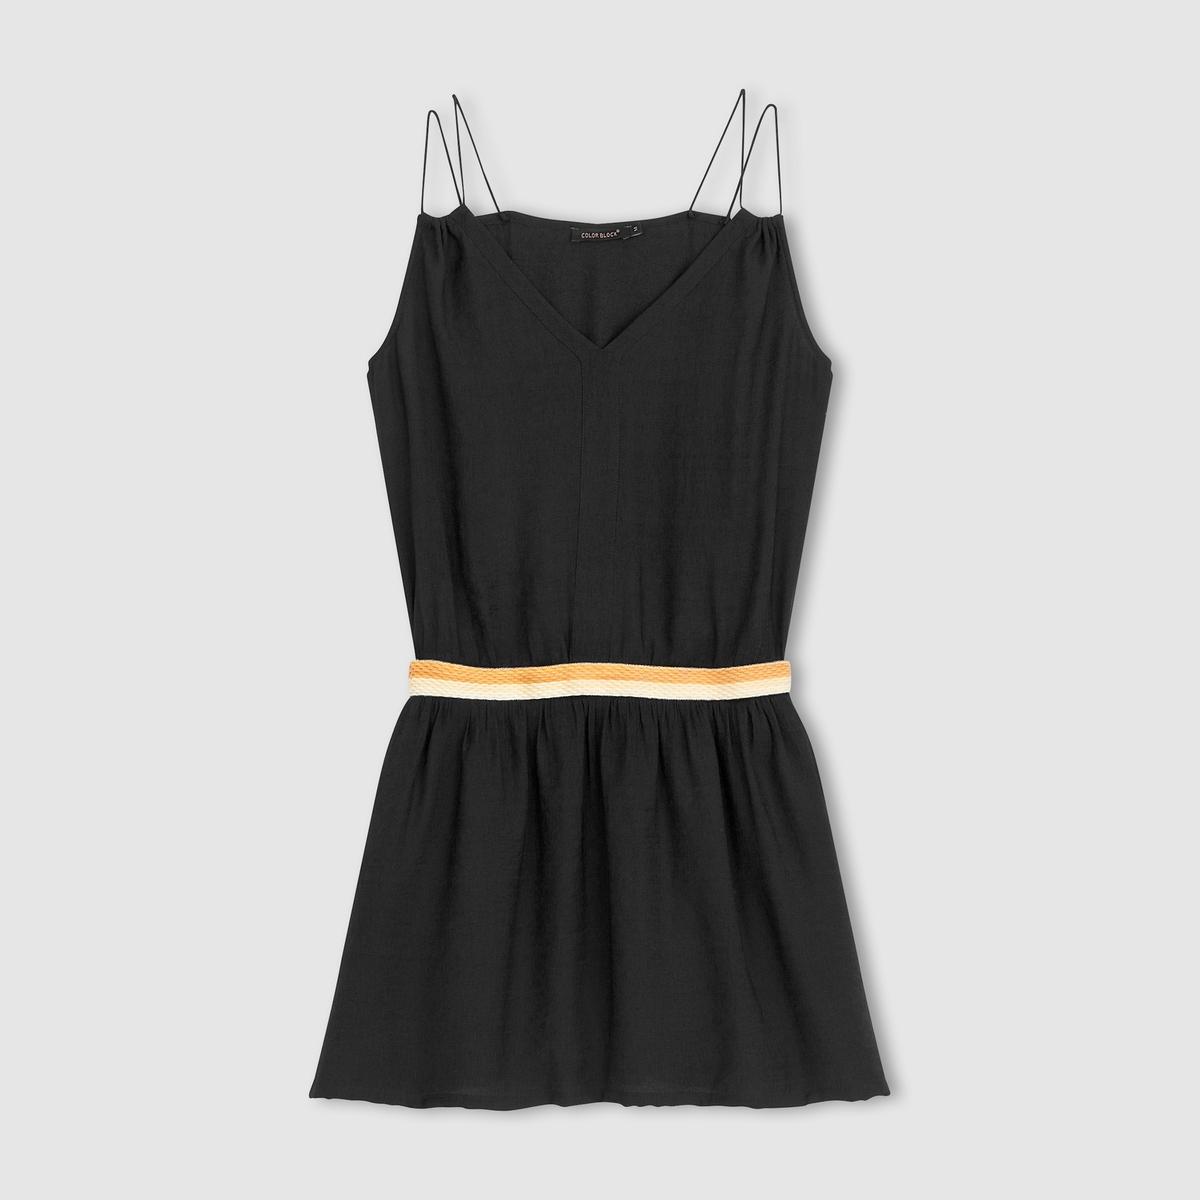 Платье с тонкими бретелями платье длинное с тонкими бретелями из крепа 100% вискоза